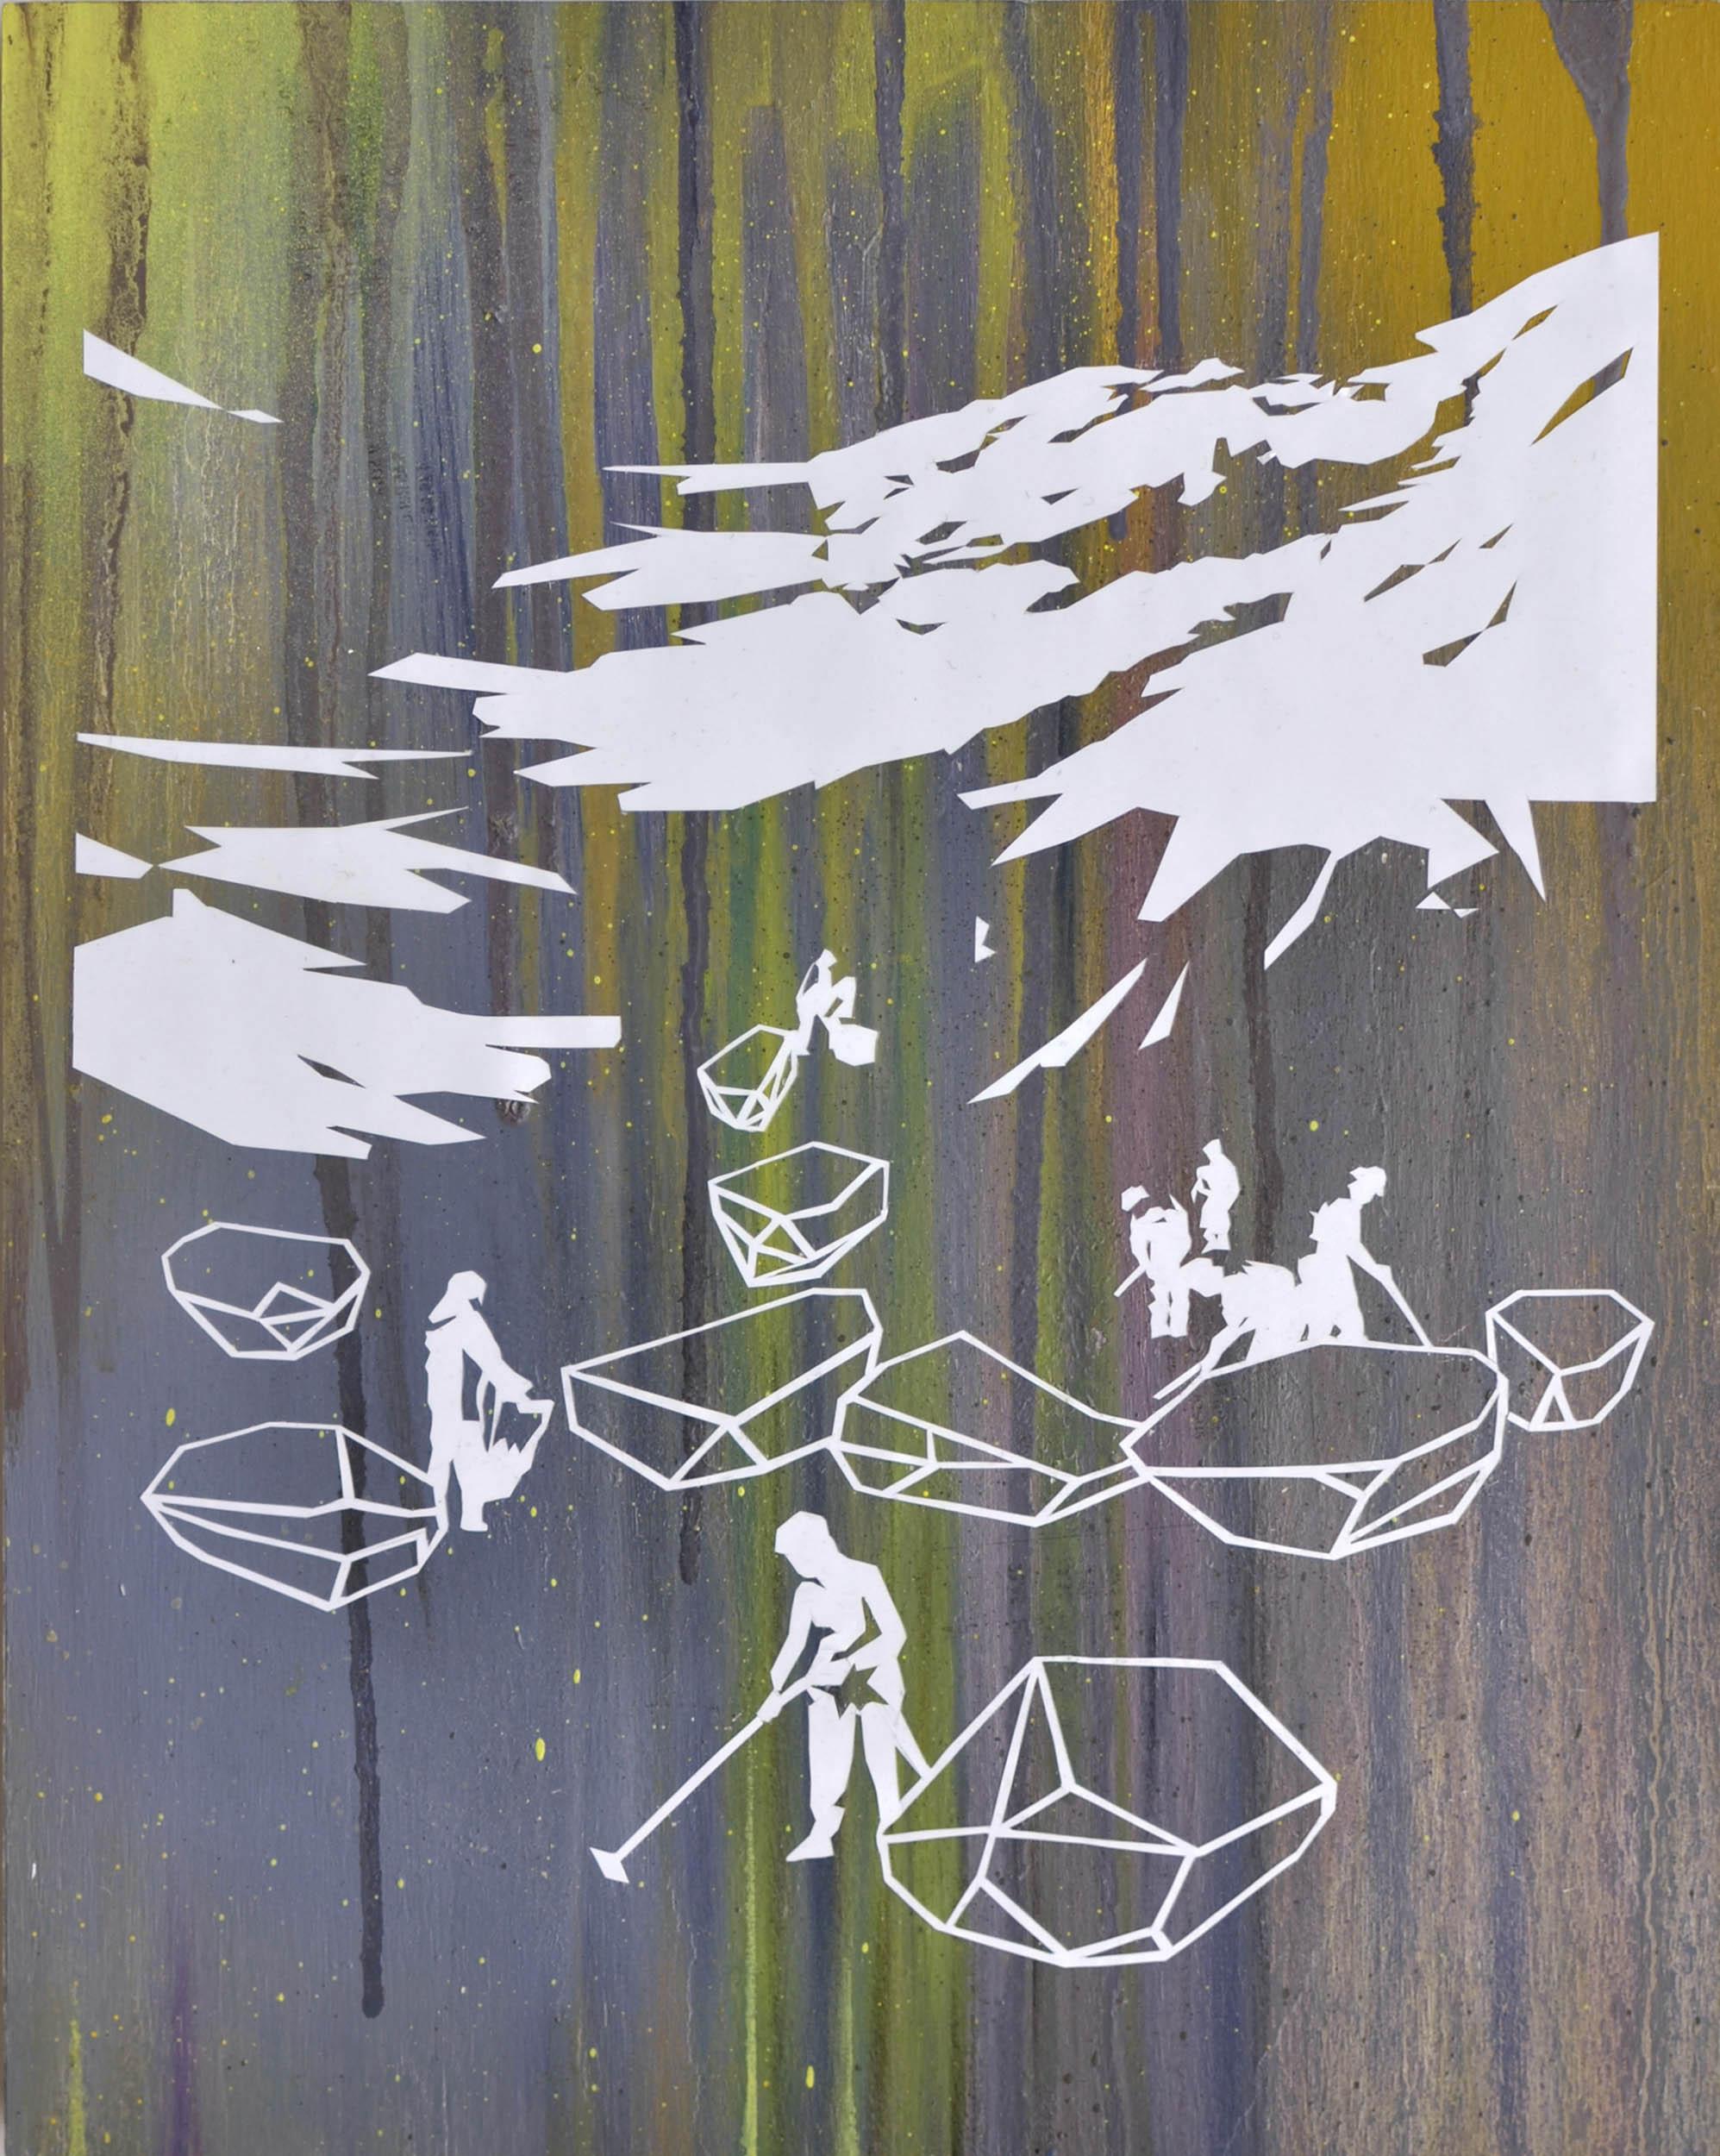 Sucher V  oil, tape on wood 30 x 24 cm, 2015